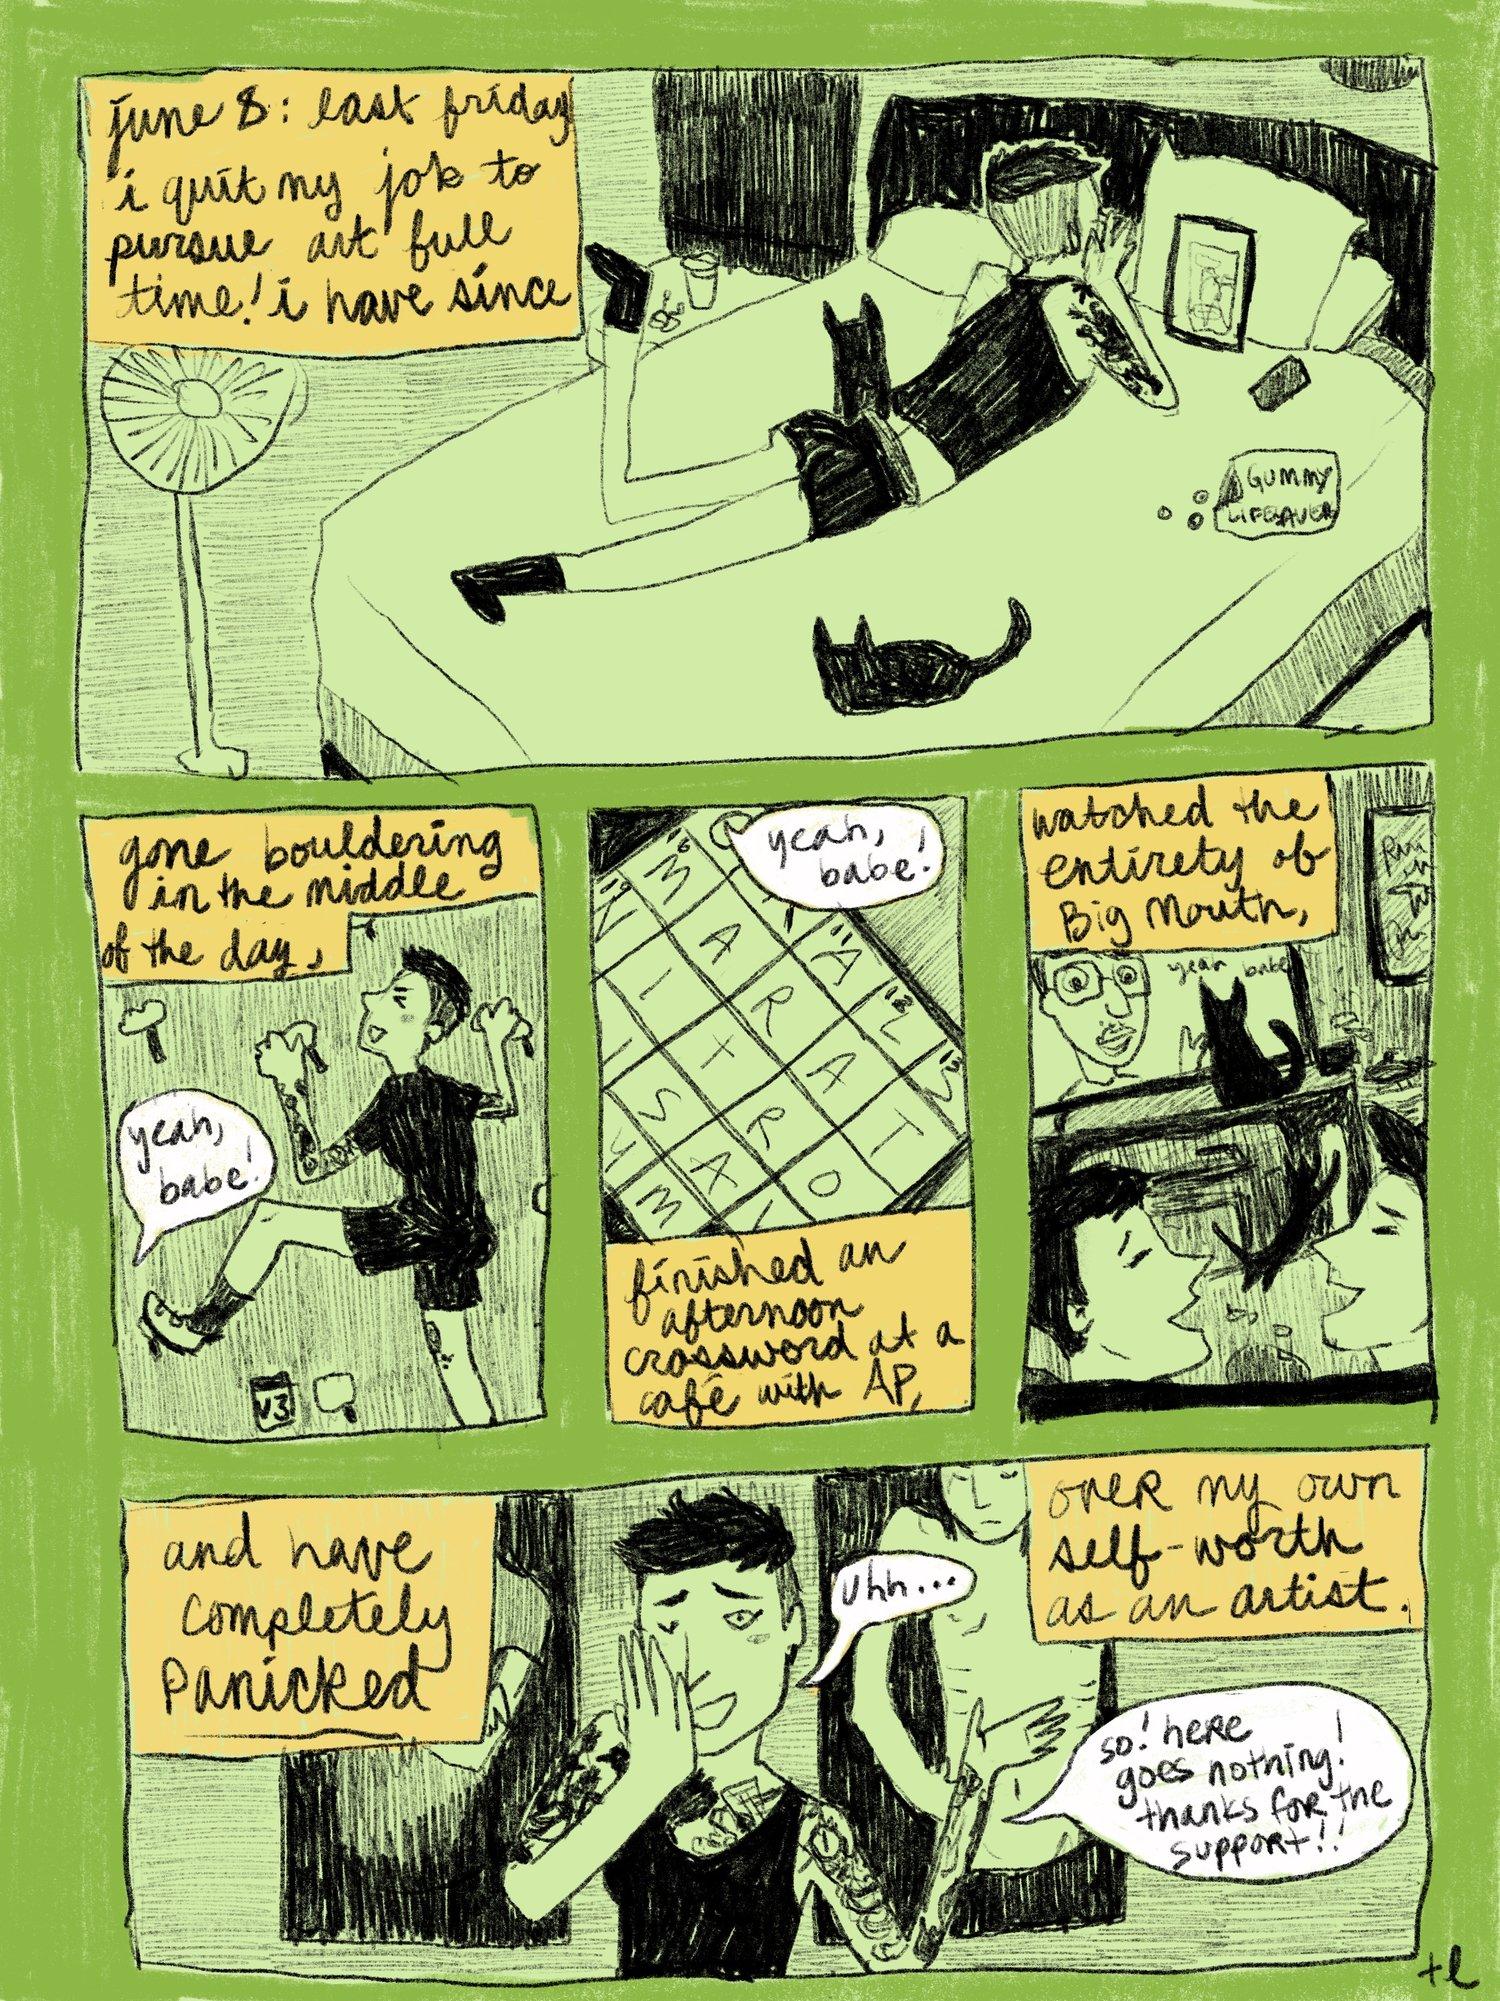 tl_comic.jpeg